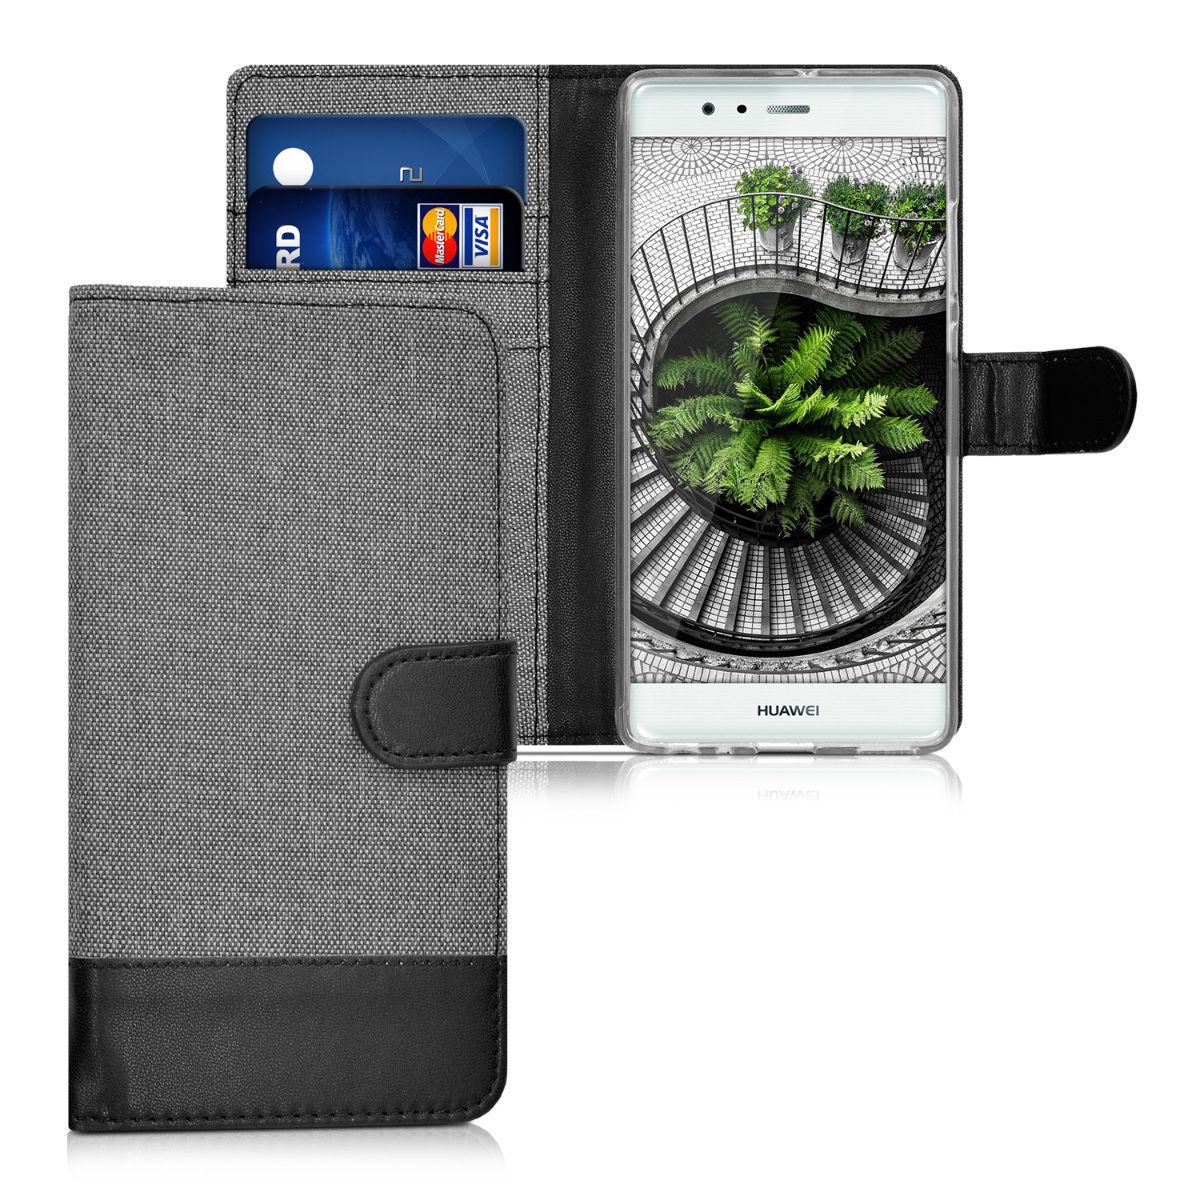 Pouzdro pro Huawei P9 šedé